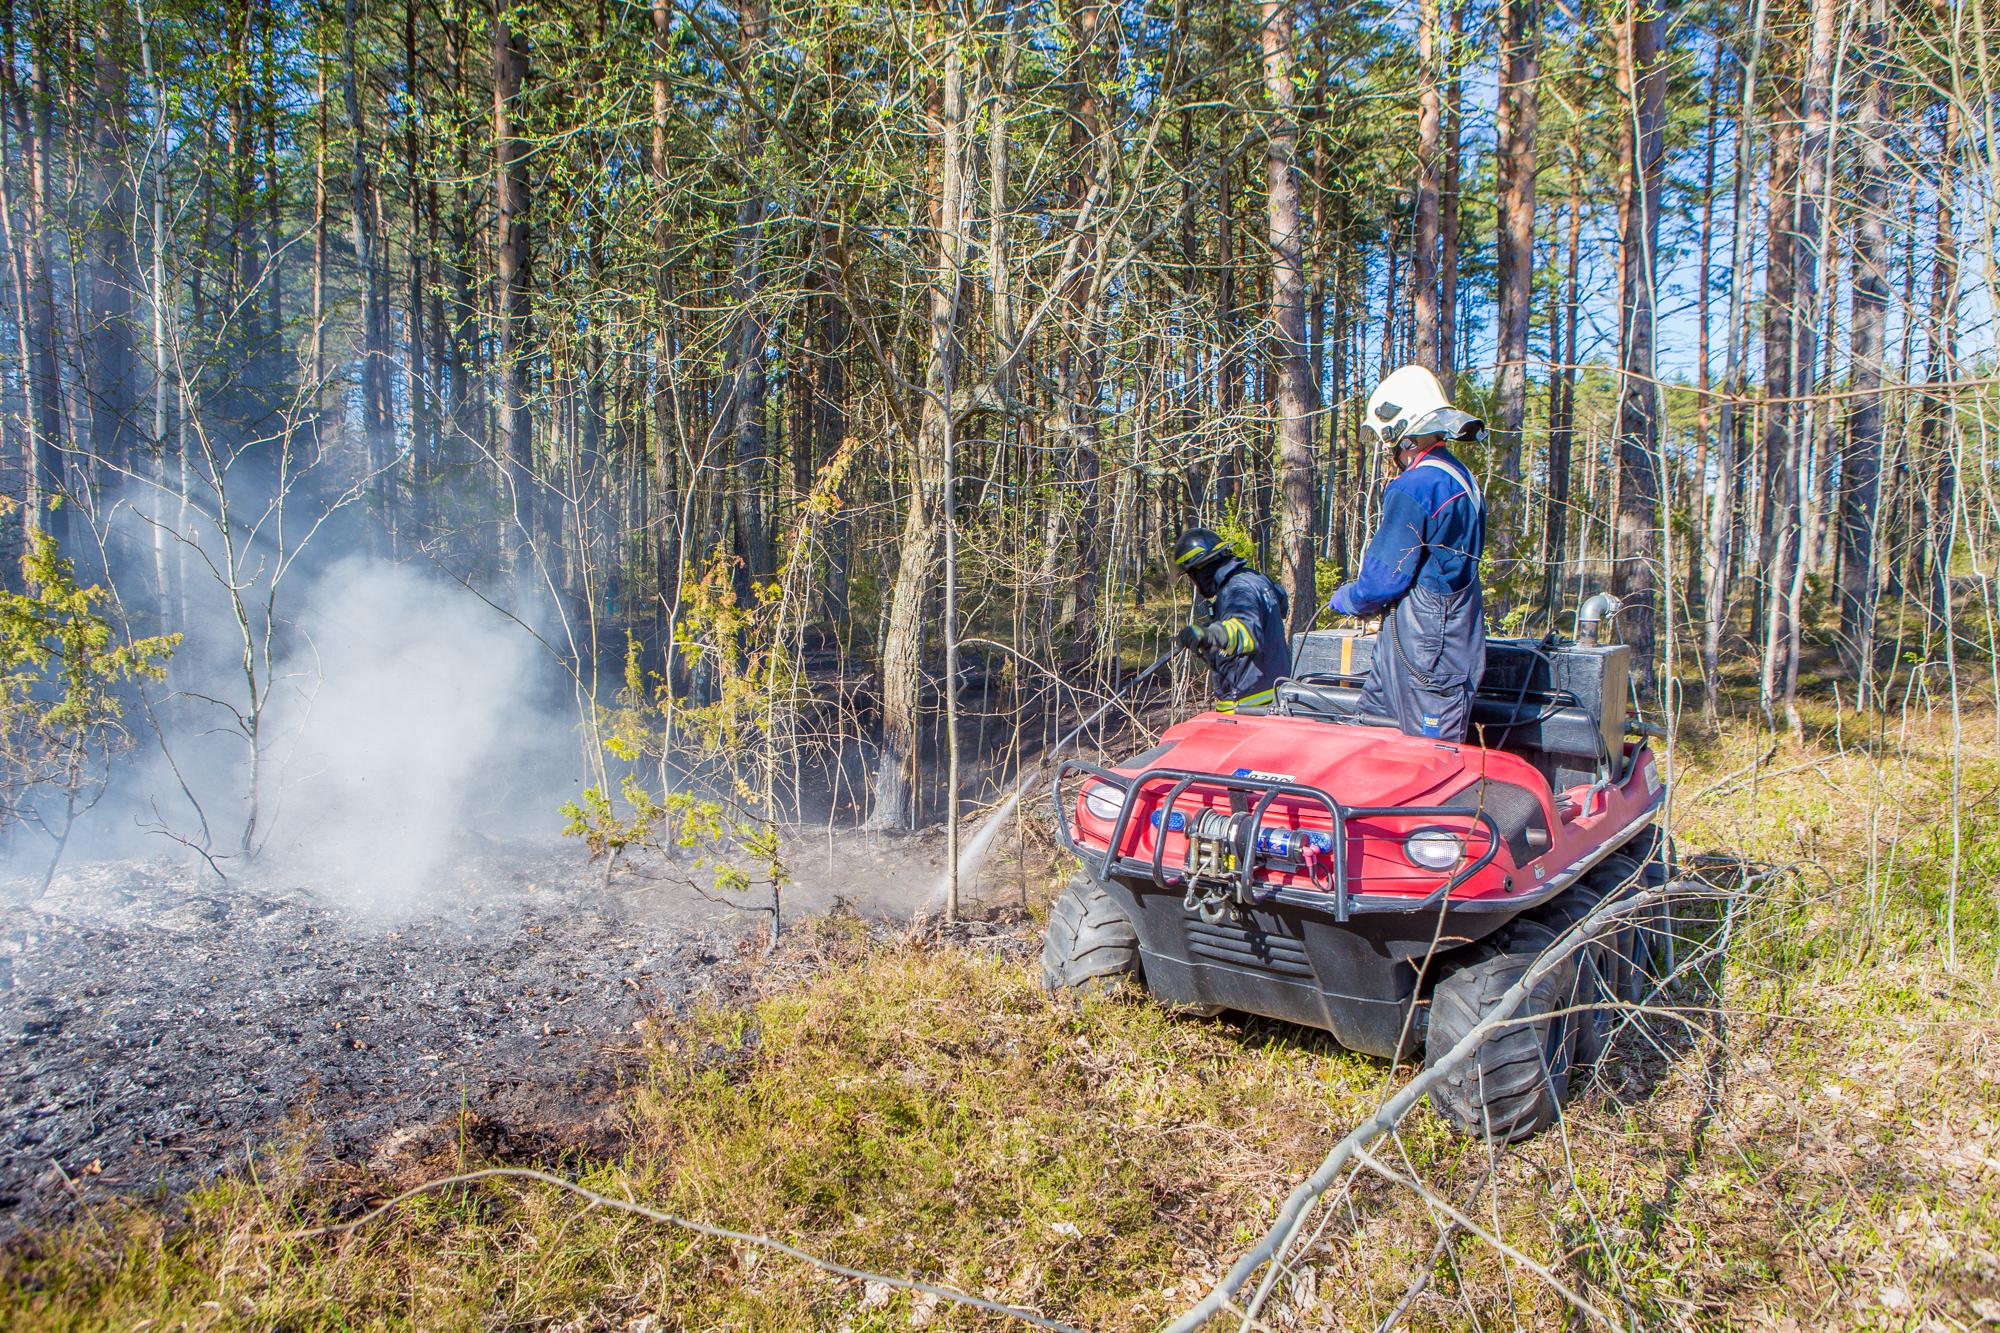 Laupäeval kell 16:45 teatati maastikupõlengust Lääne-Saare vallas, Mätasselja külas. Kokku põles männimetsa alune 50×50 meetri ulatuses. Päästjad kustutasid tulekahju.Põlengu tekkepõhjuse selgitab välja uurimine. Fotod: Maanus Masing